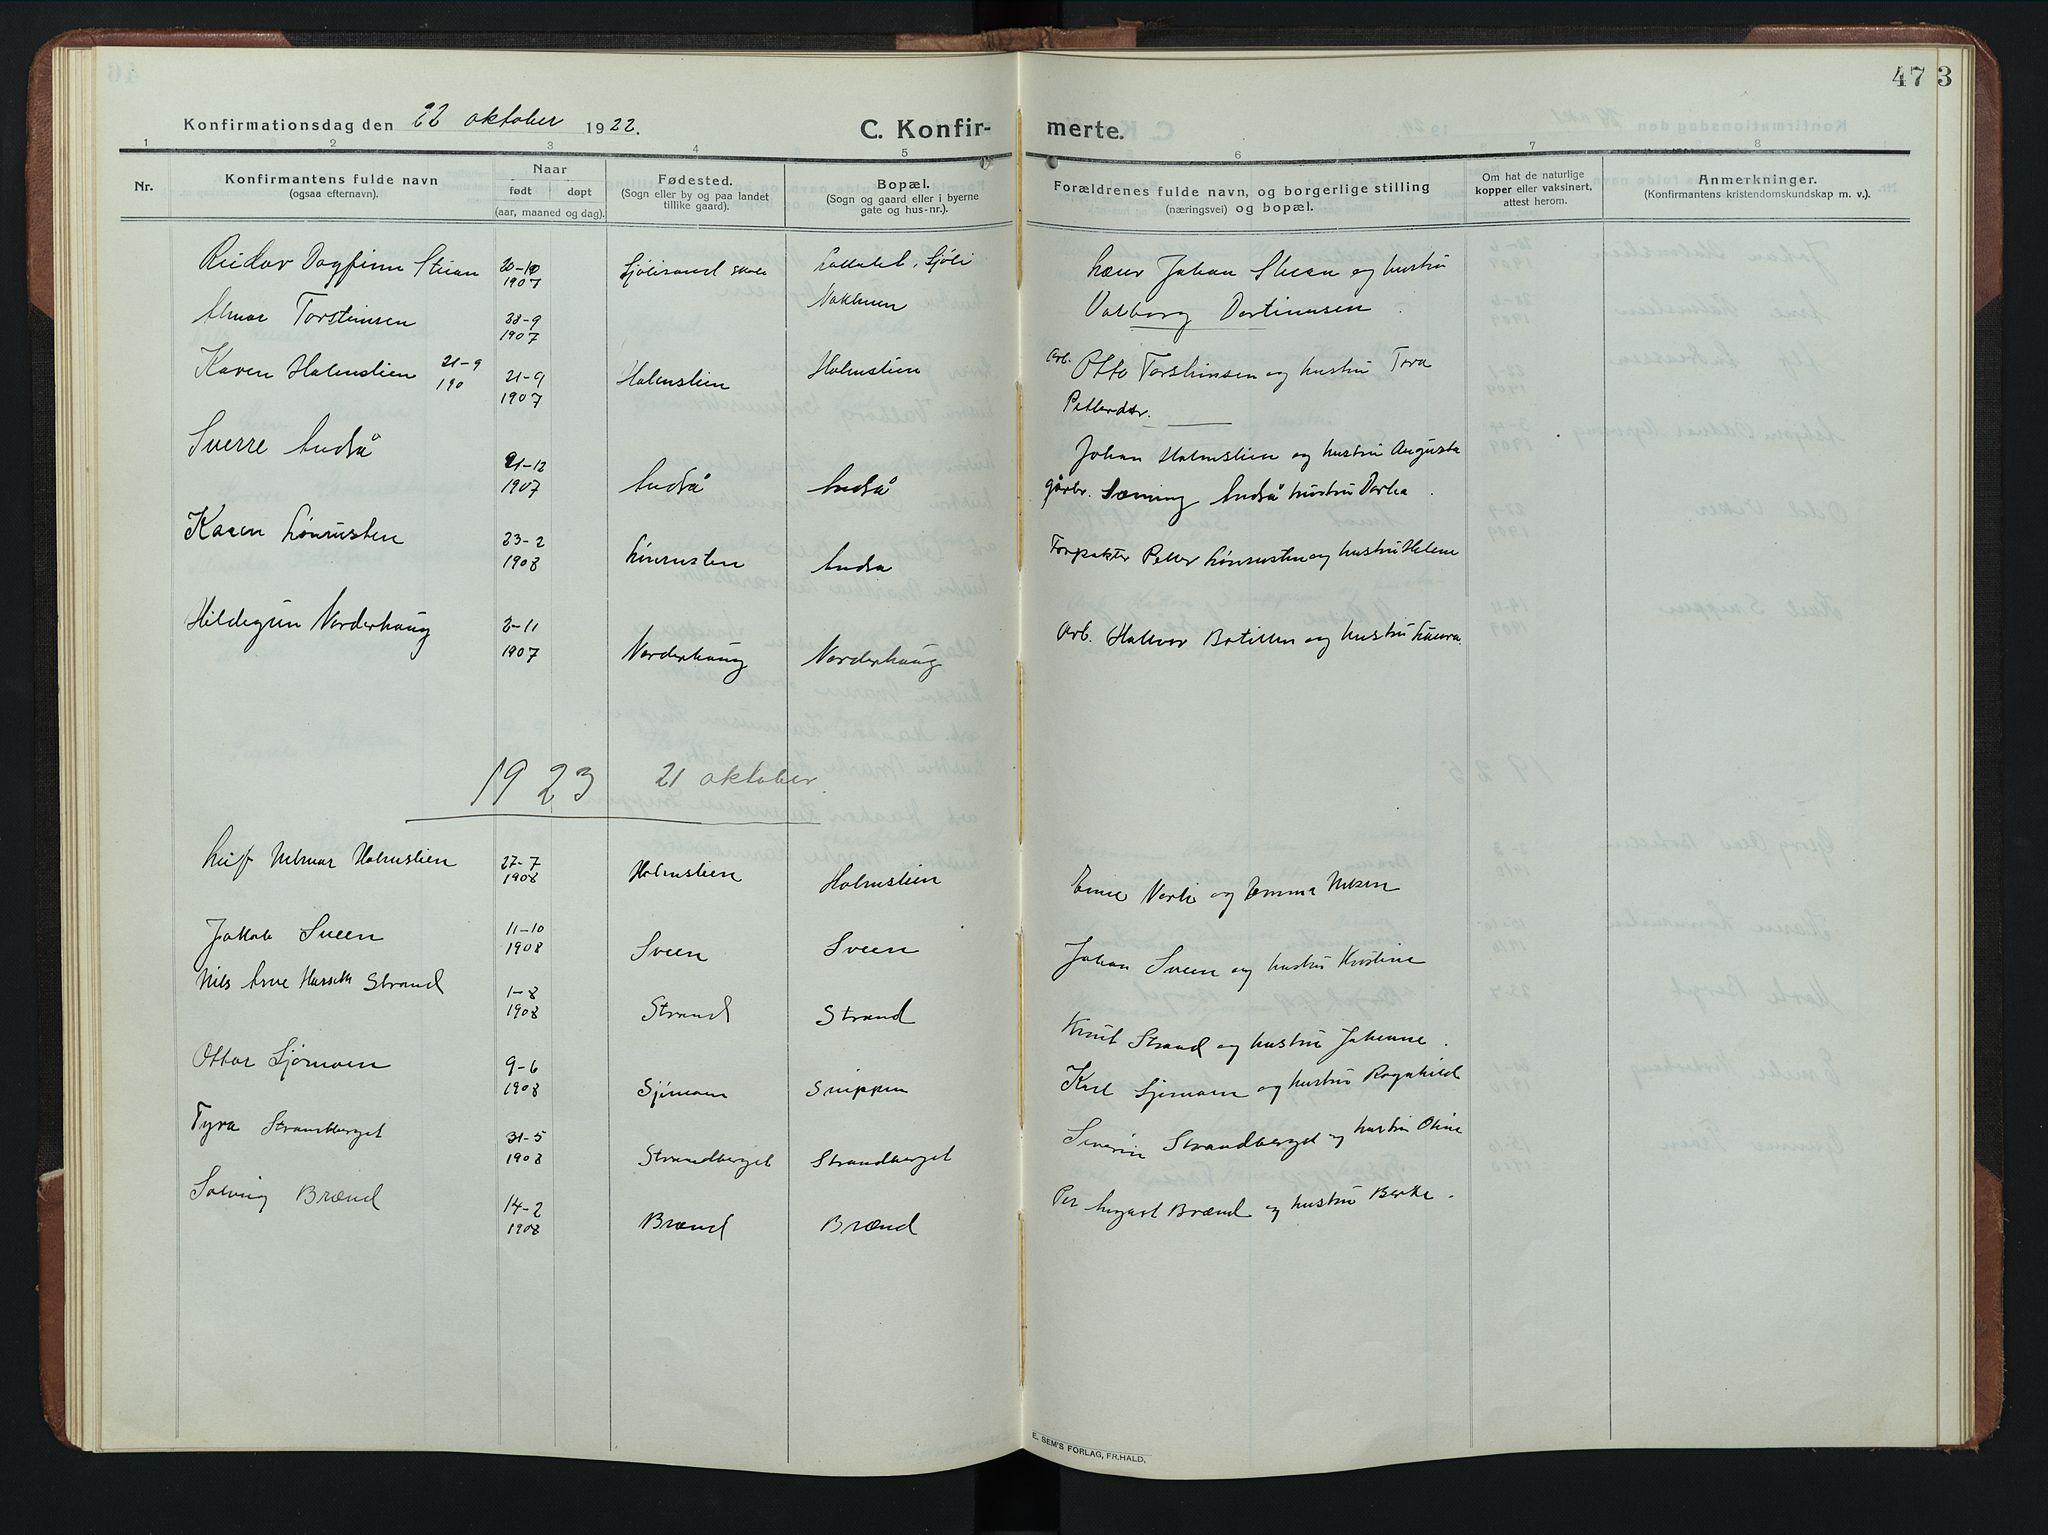 SAH, Rendalen prestekontor, H/Ha/Hab/L0008: Klokkerbok nr. 8, 1914-1948, s. 47